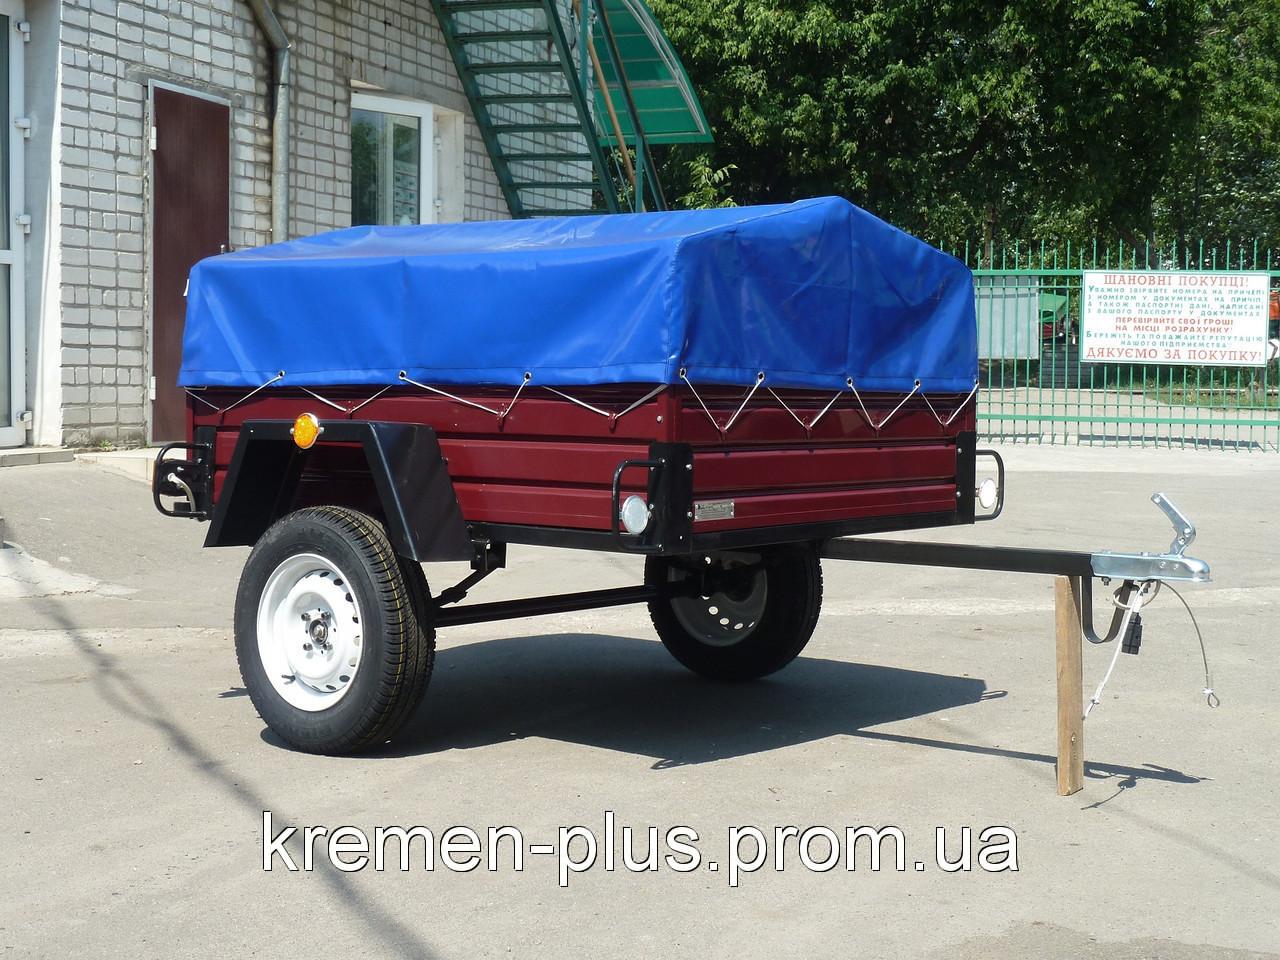 Купить одноосный легковой прицеп в Чернигове для автомобиля